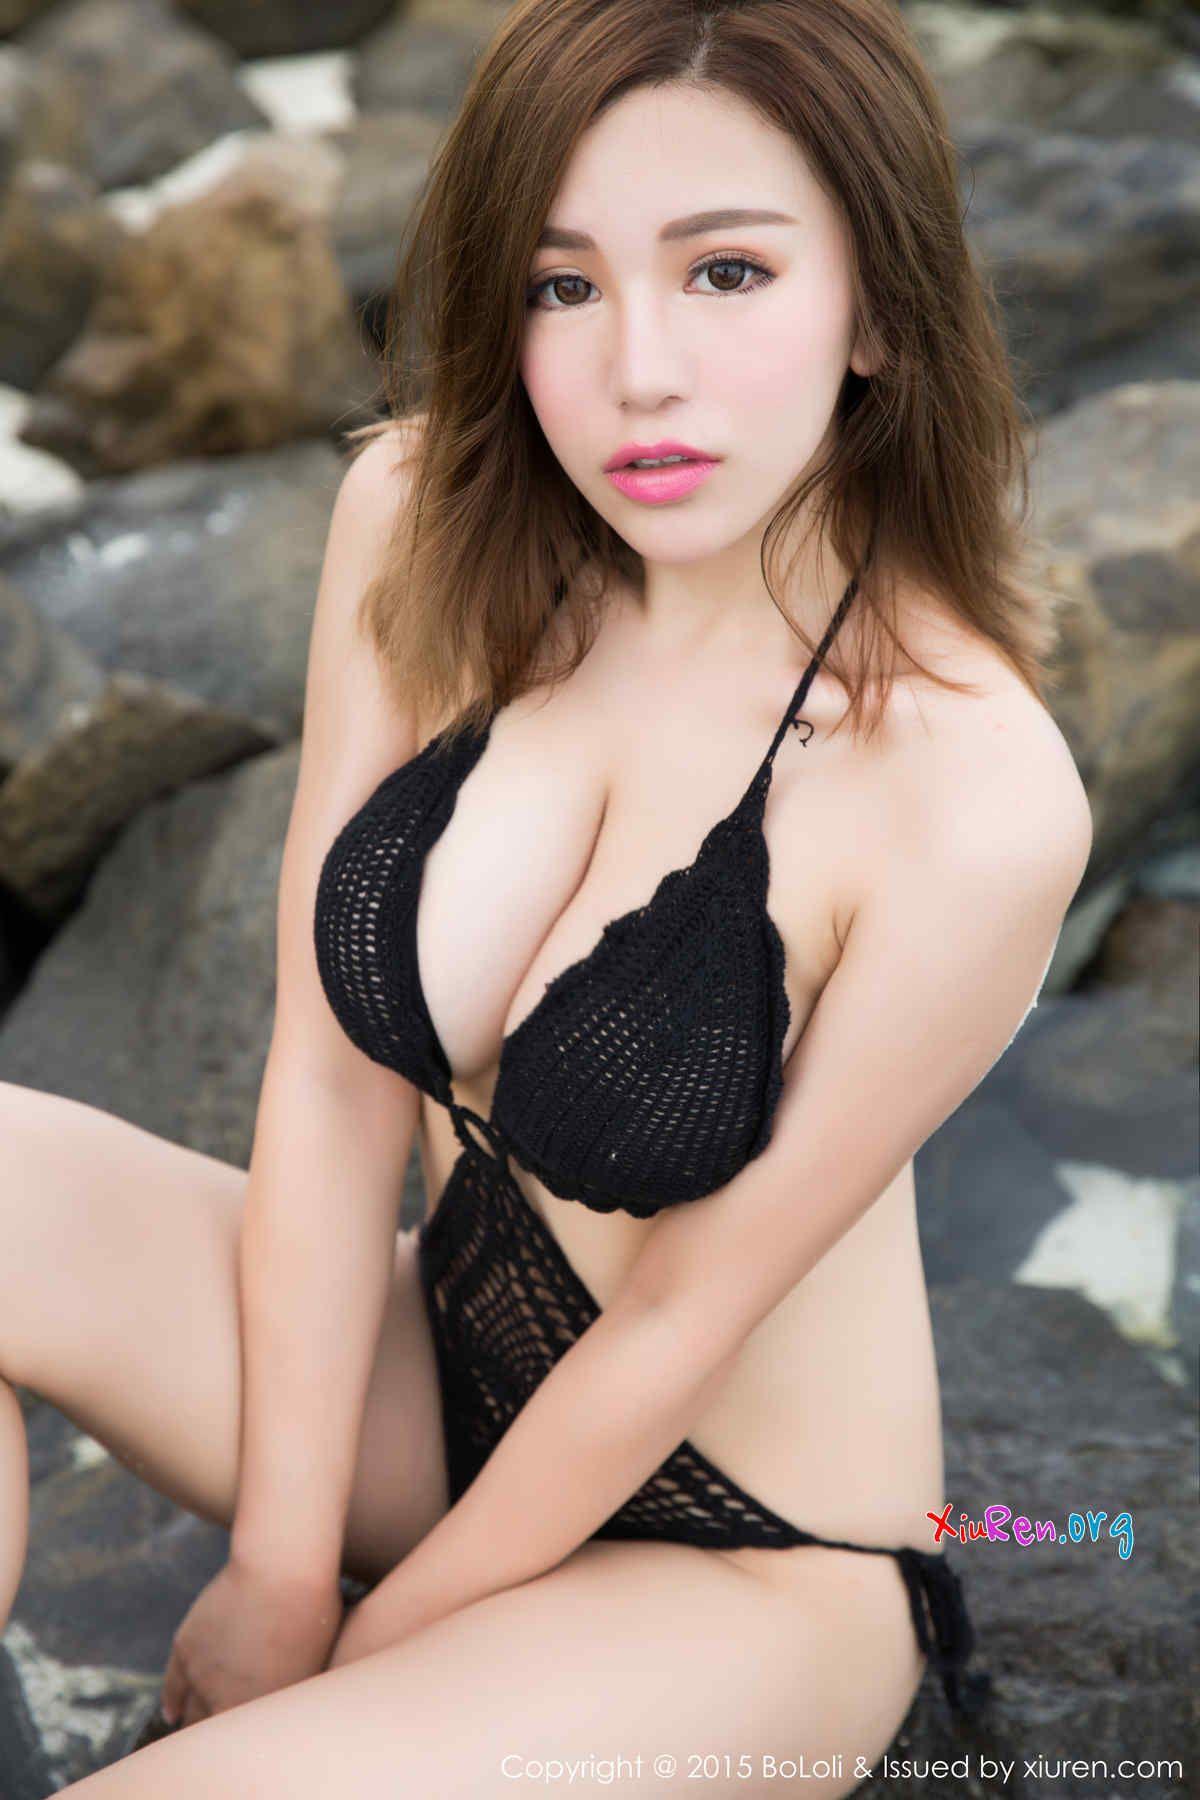 Sheila marie model